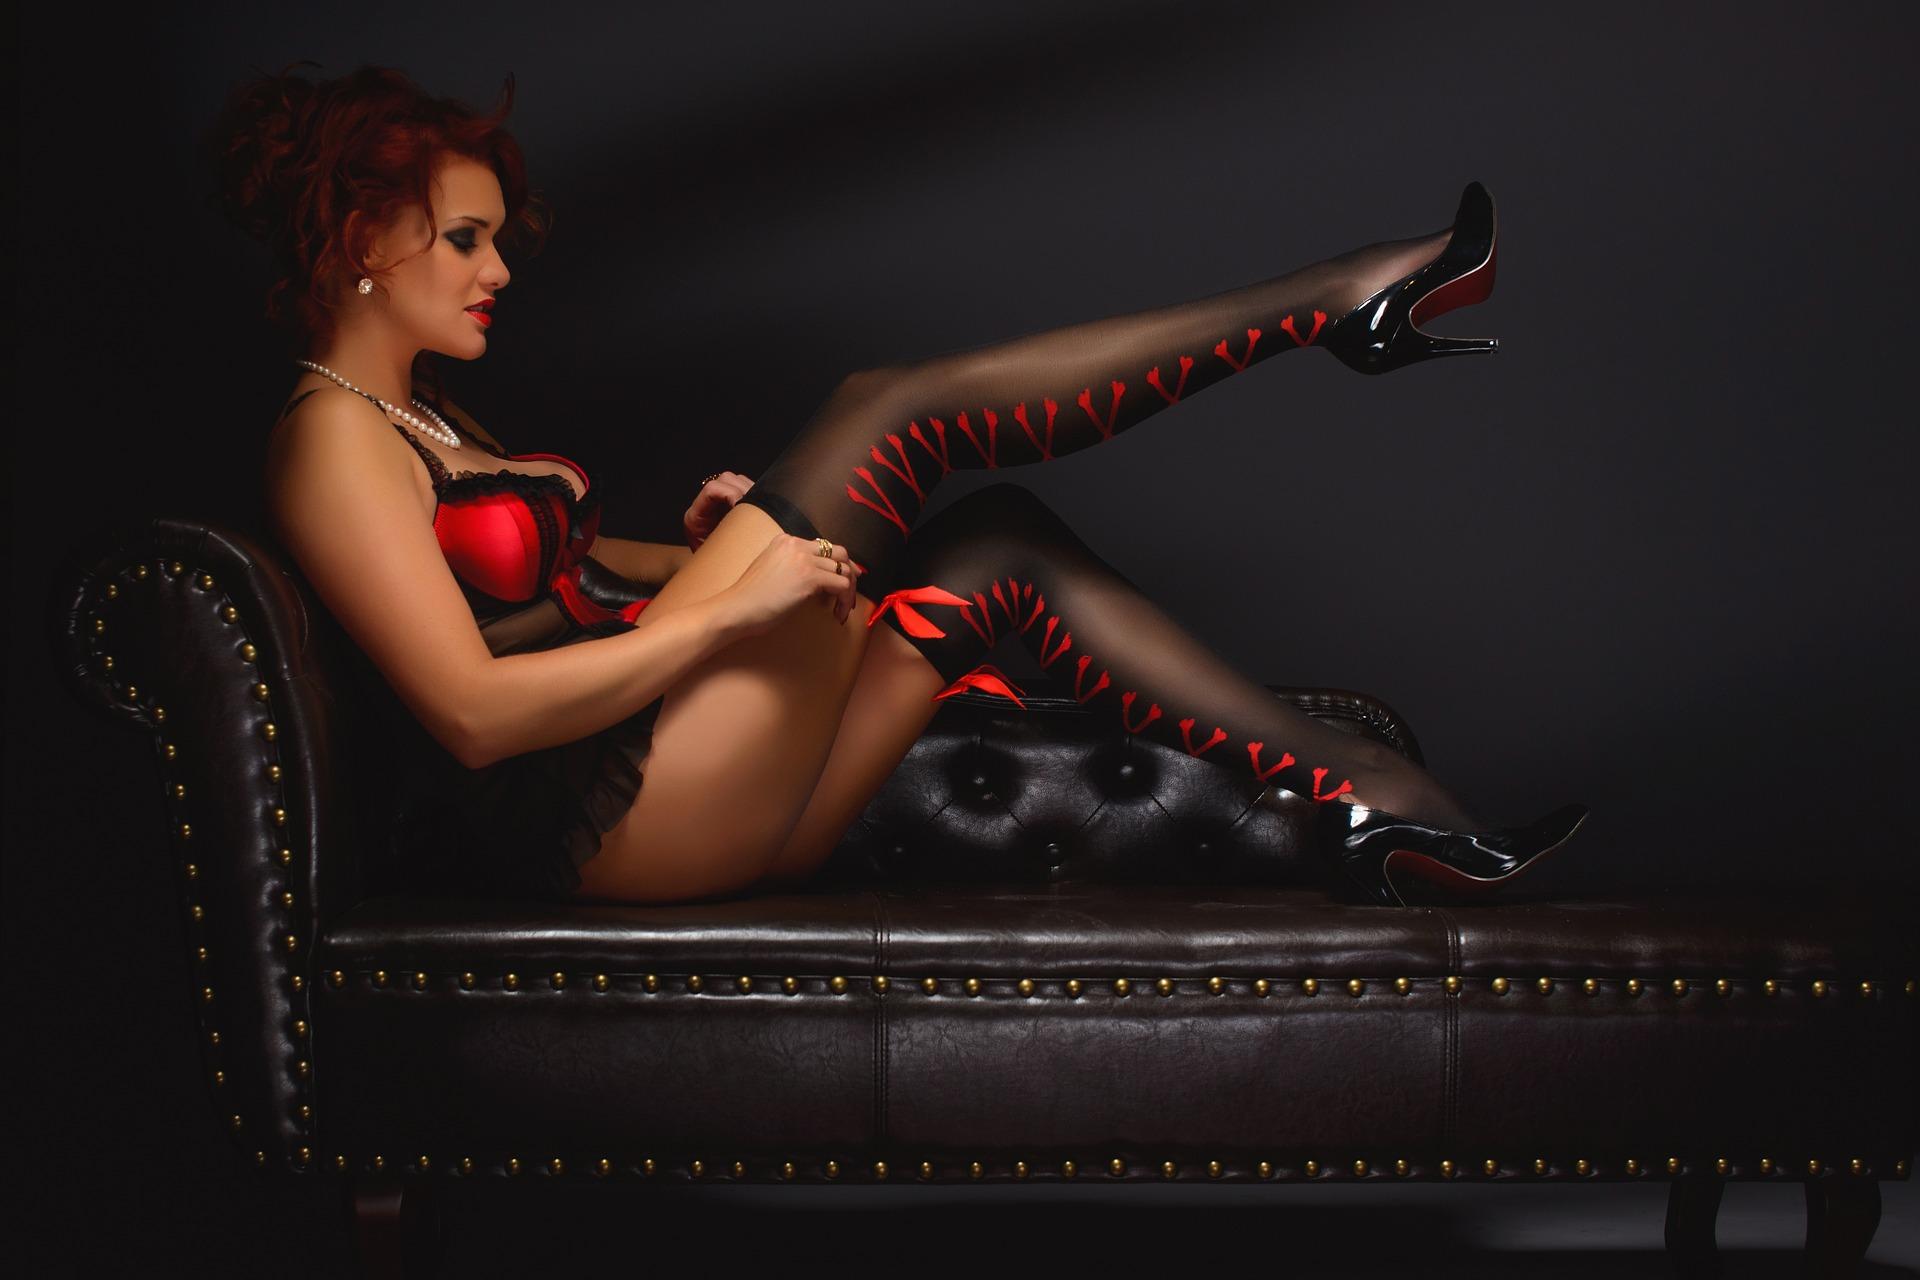 erotic-2704262_1920